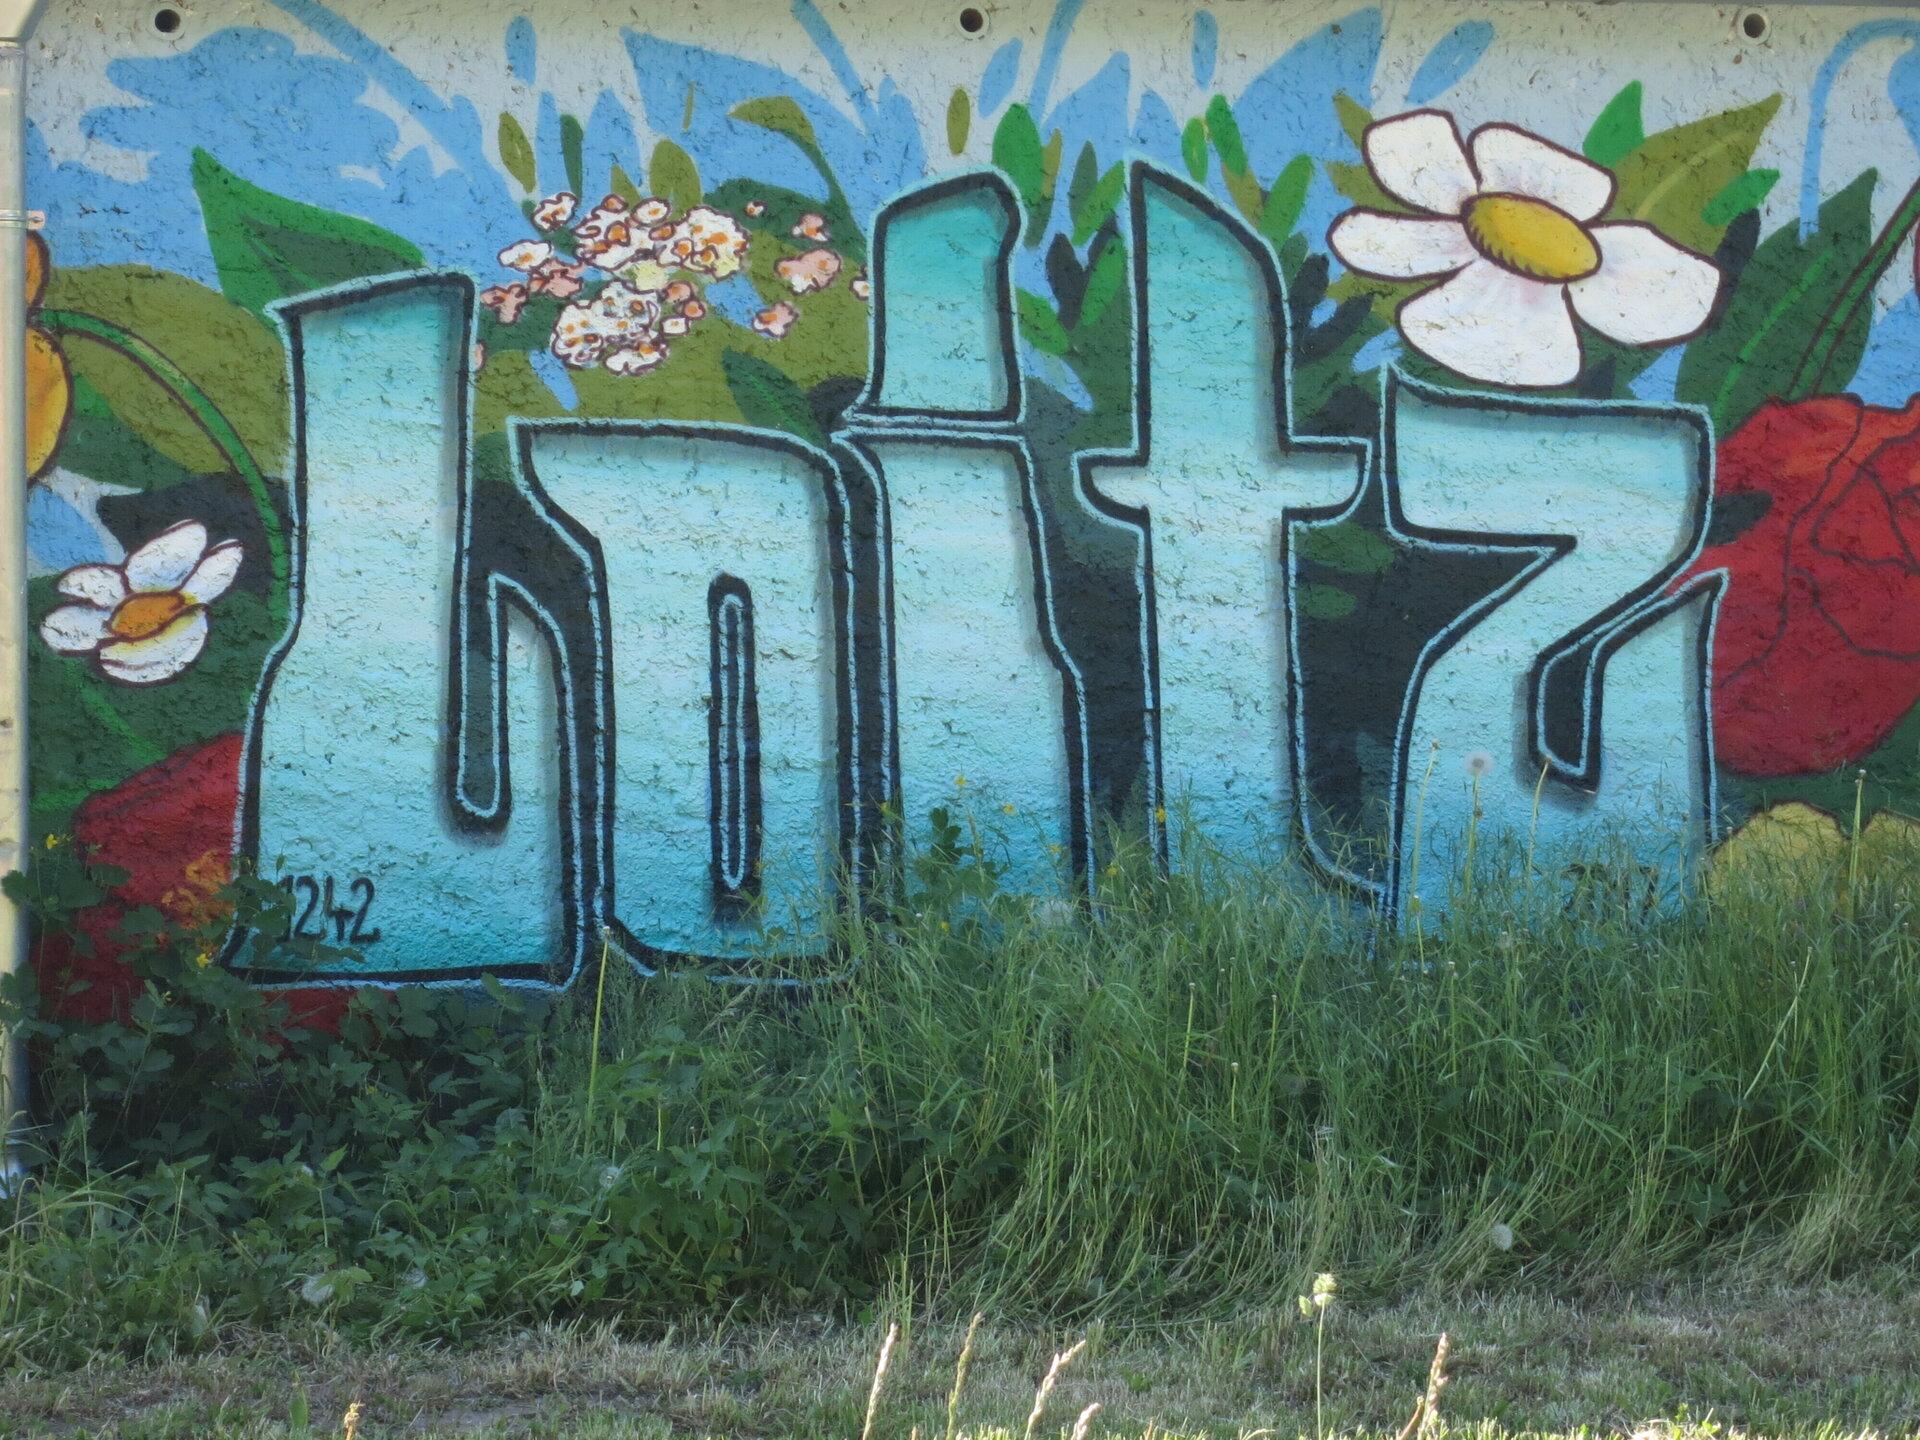 Loitz